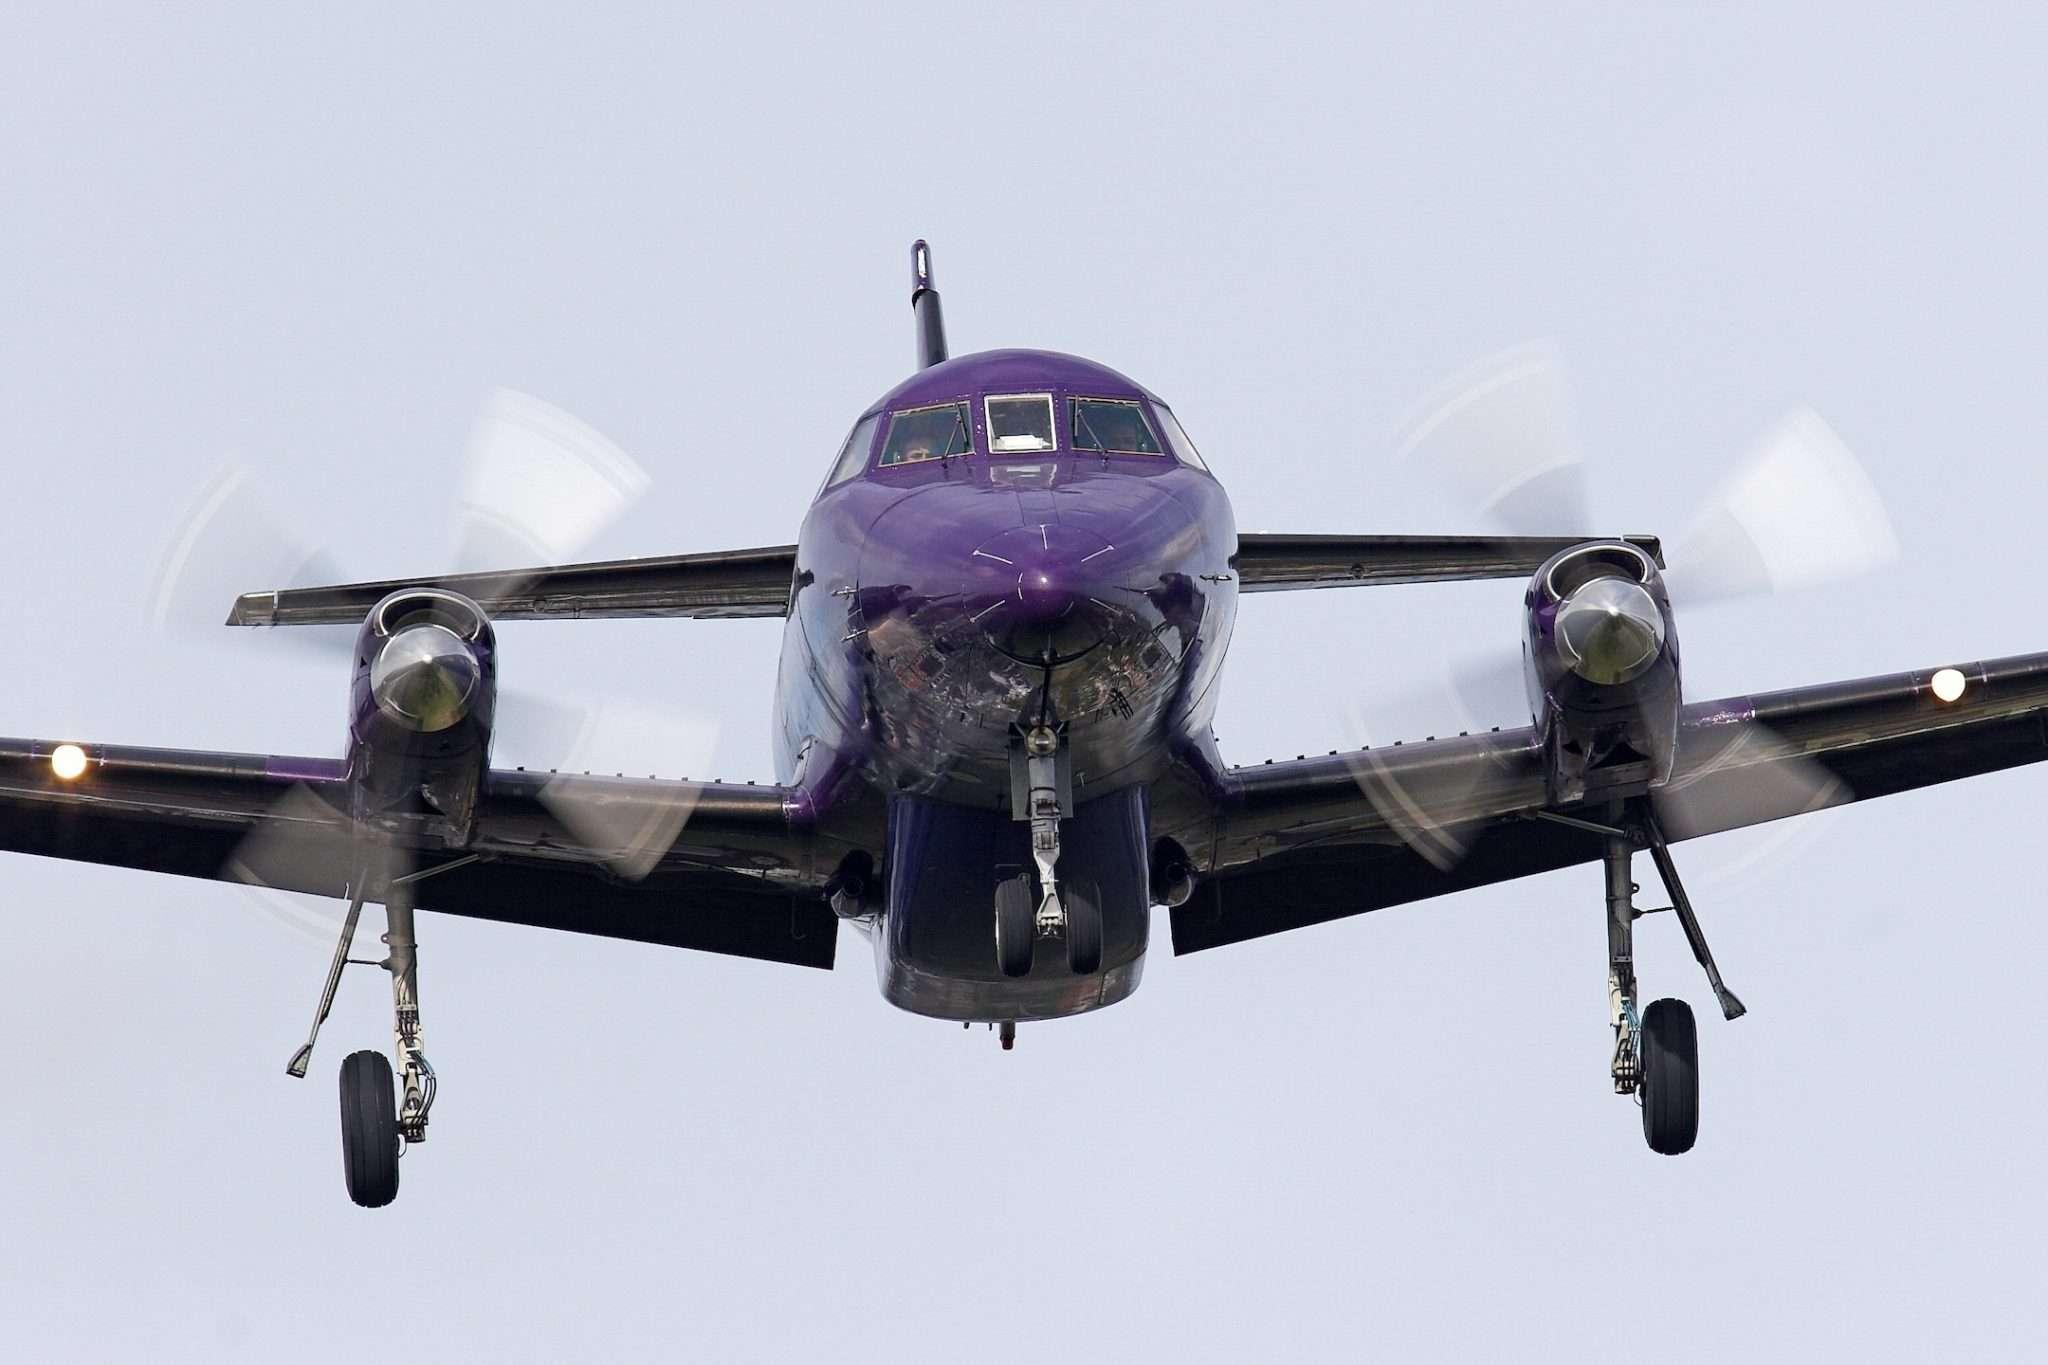 Jetstreamfcu images